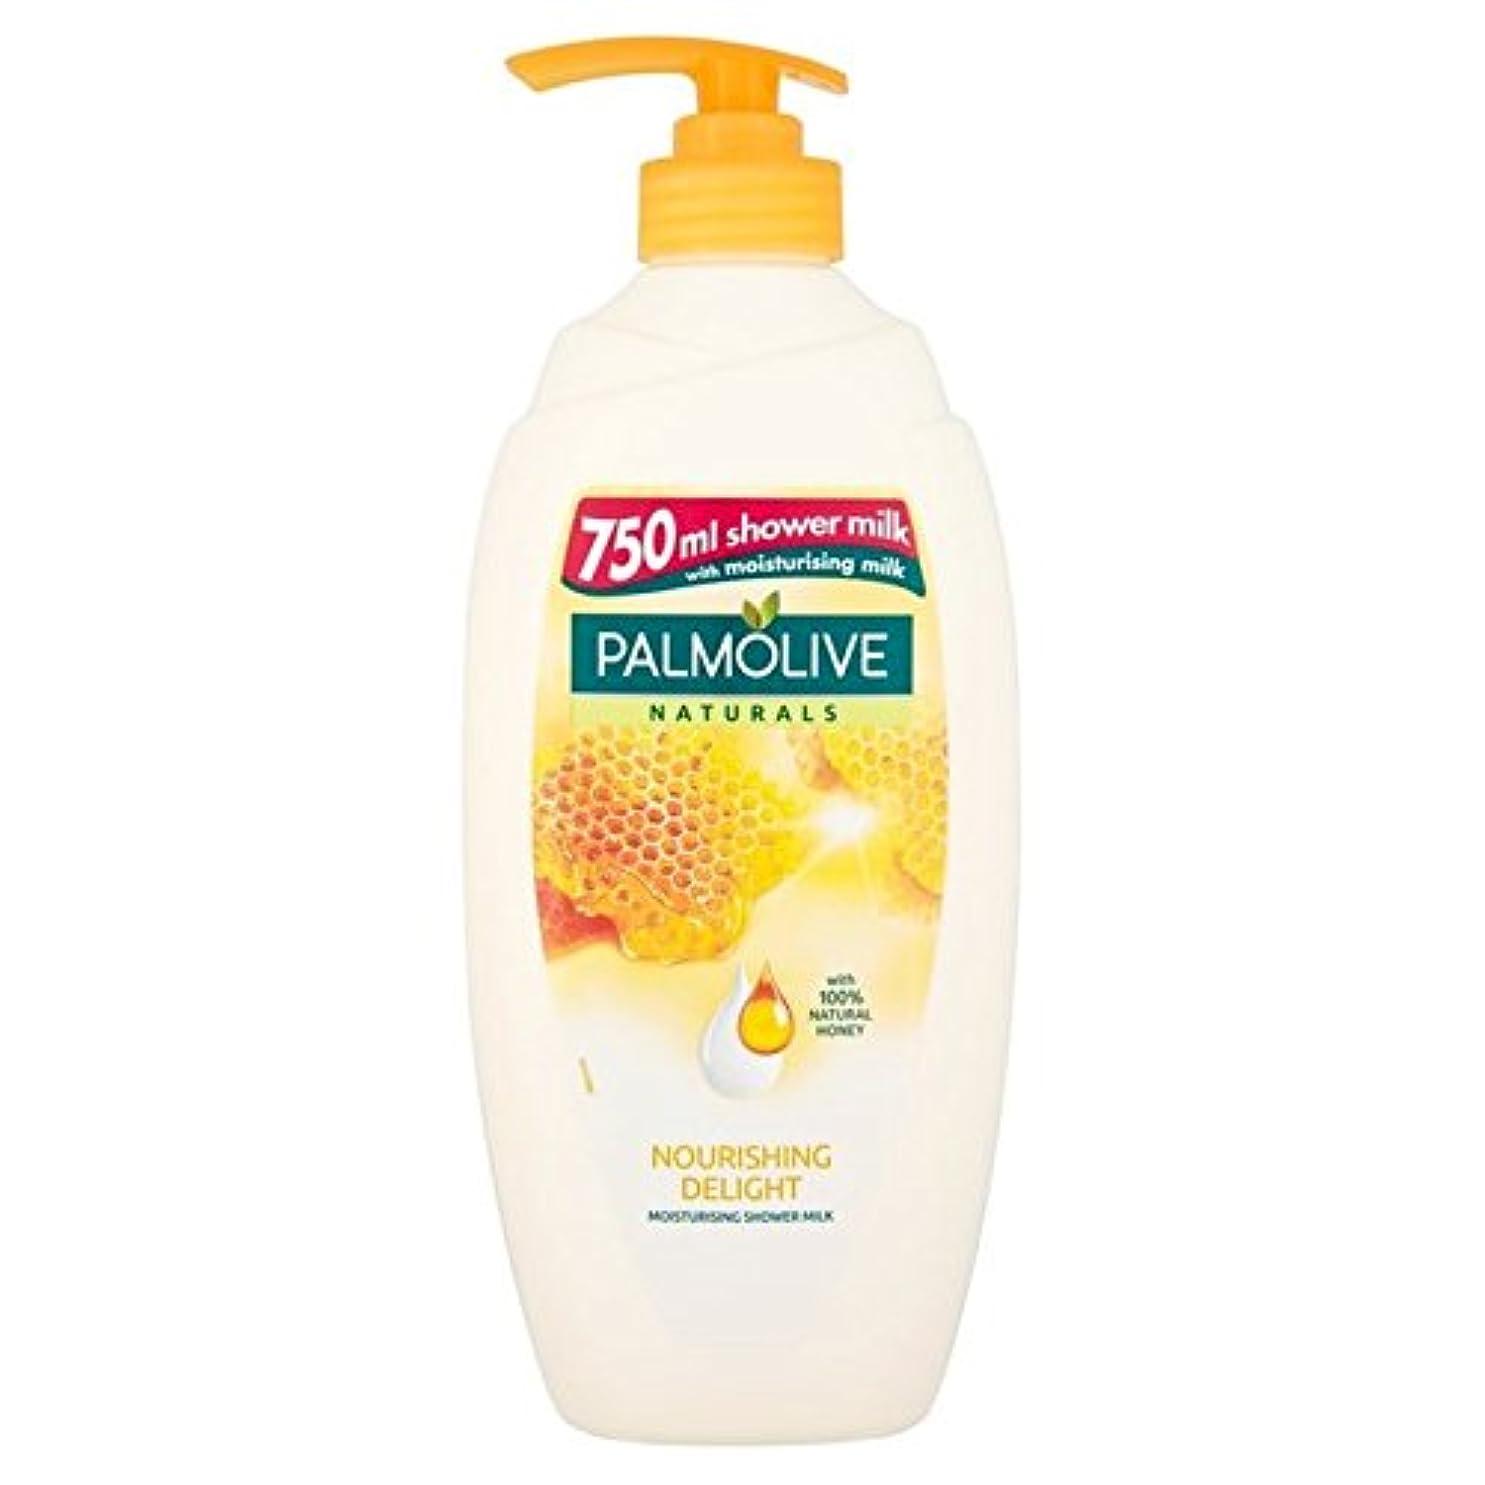 便宜ハプニング実際にPalmolive Naturals Nourishing Shower Naturals Milk with Honey 750ml - 蜂蜜の750ミリリットルとシャワーナチュラルミルク栄養パルモライブナチュラル [...